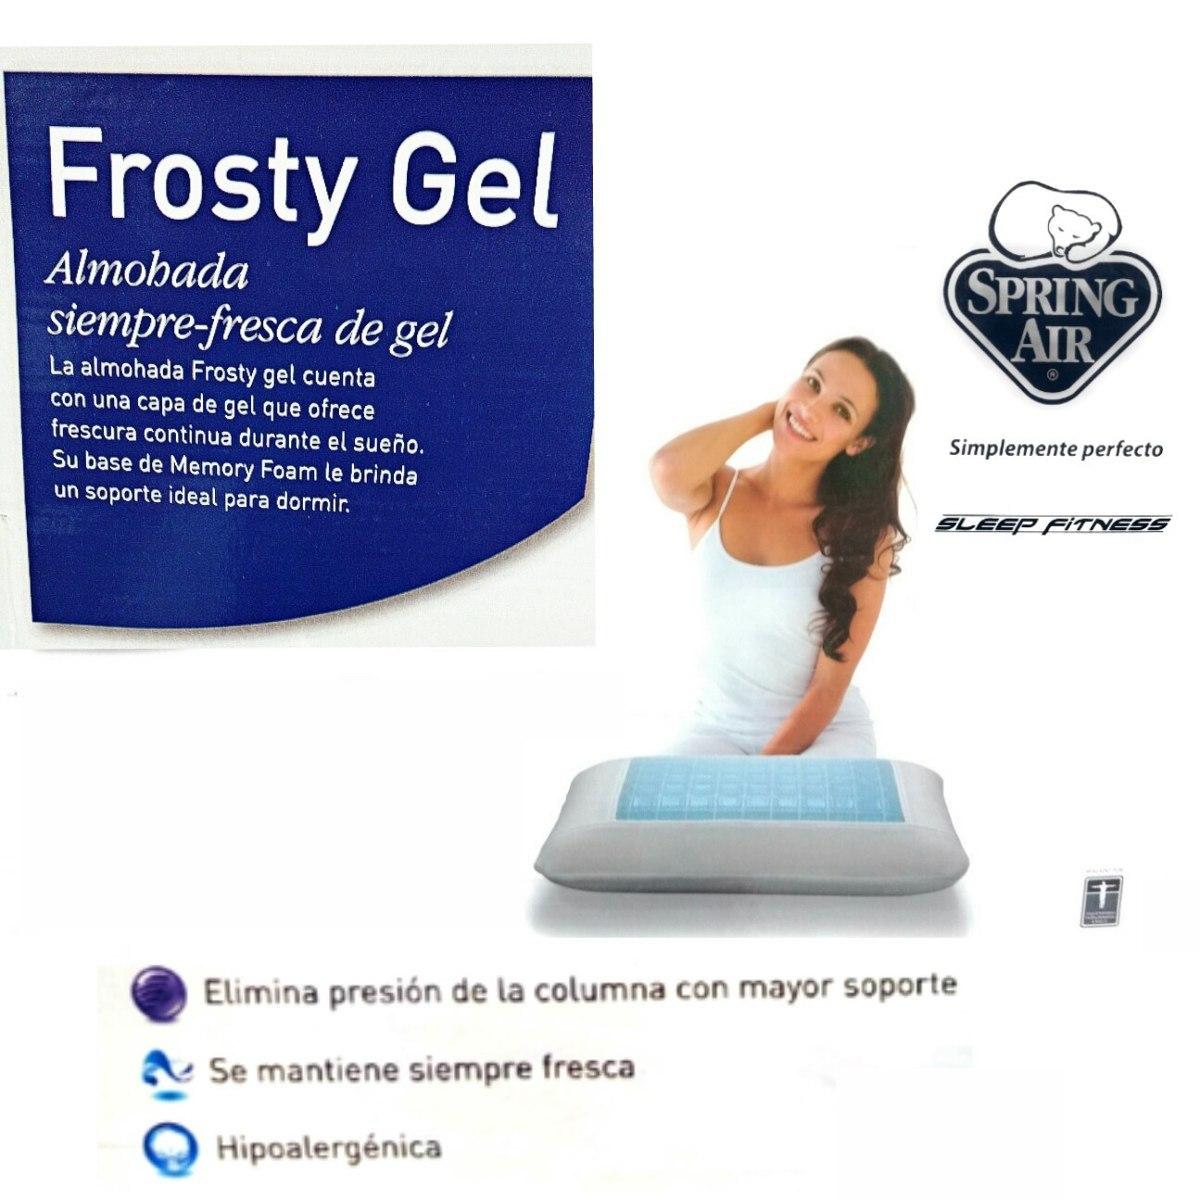 Almohada Spring Air Memory Foam Frosty Gel 690 00 En